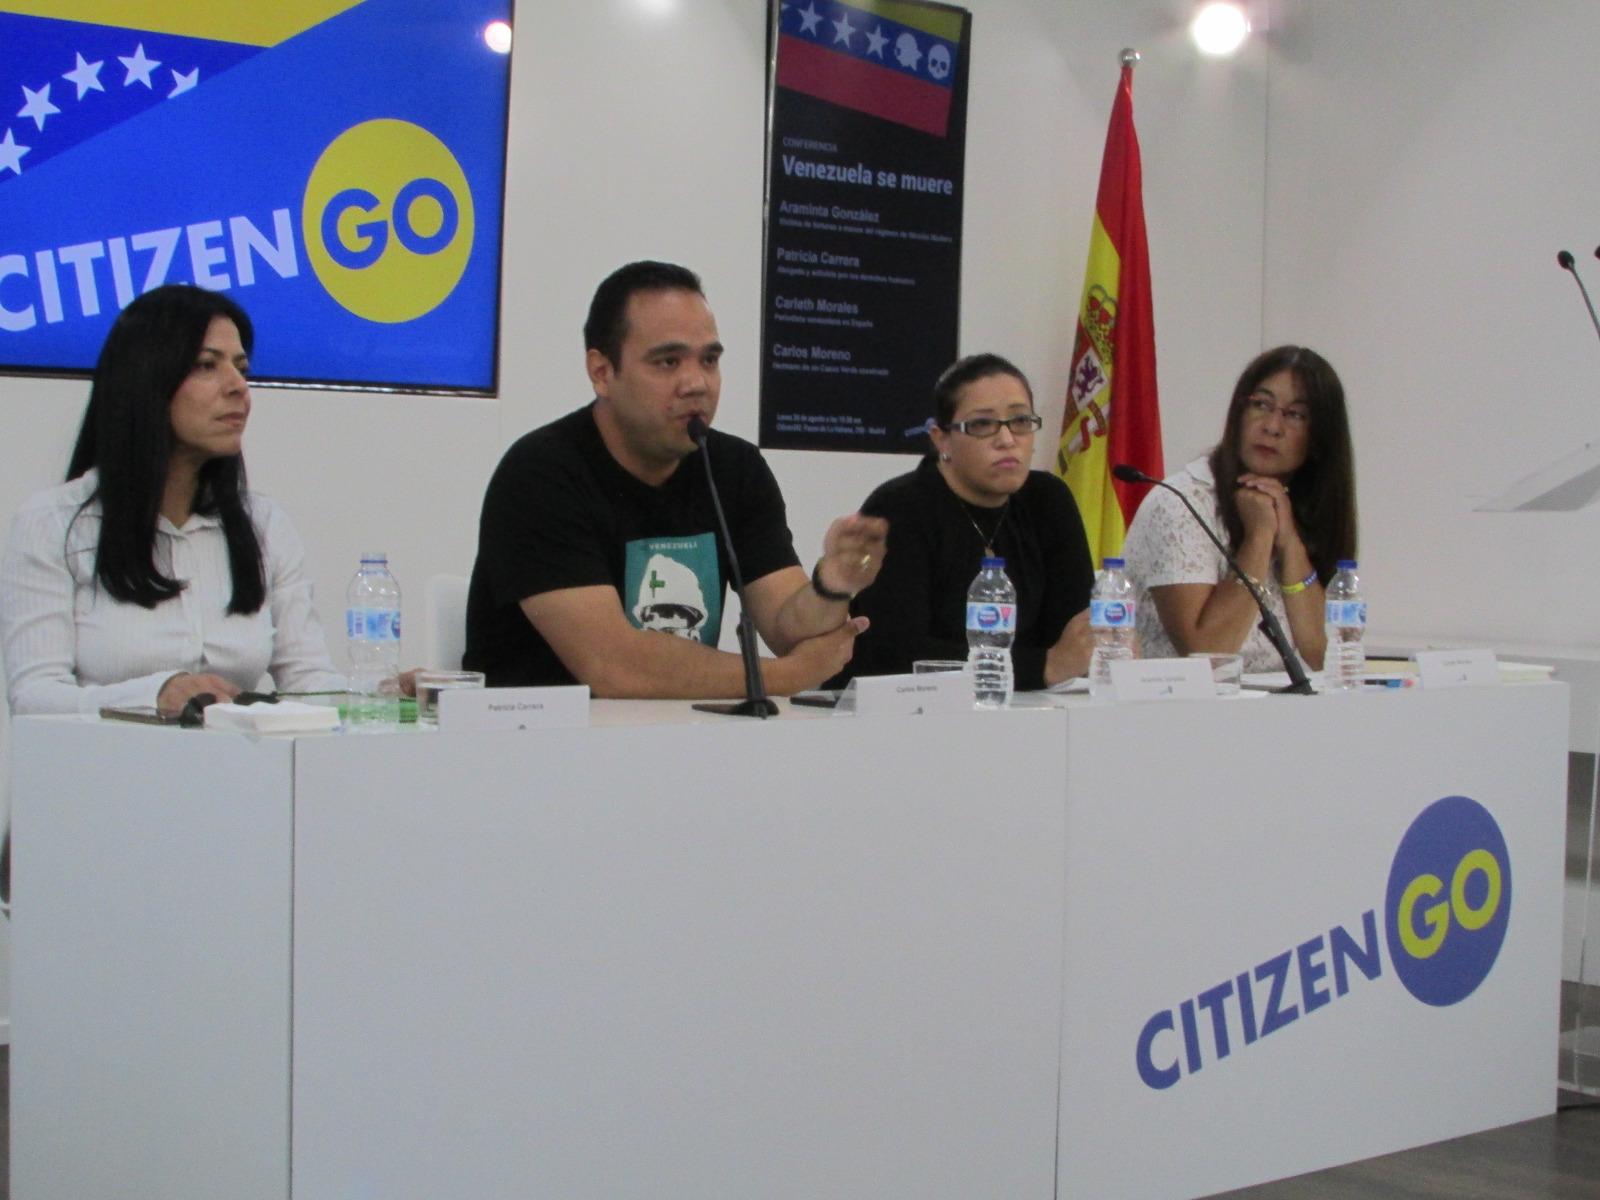 Venezolanos piden presionar a Maduro para abrir canal humanitario